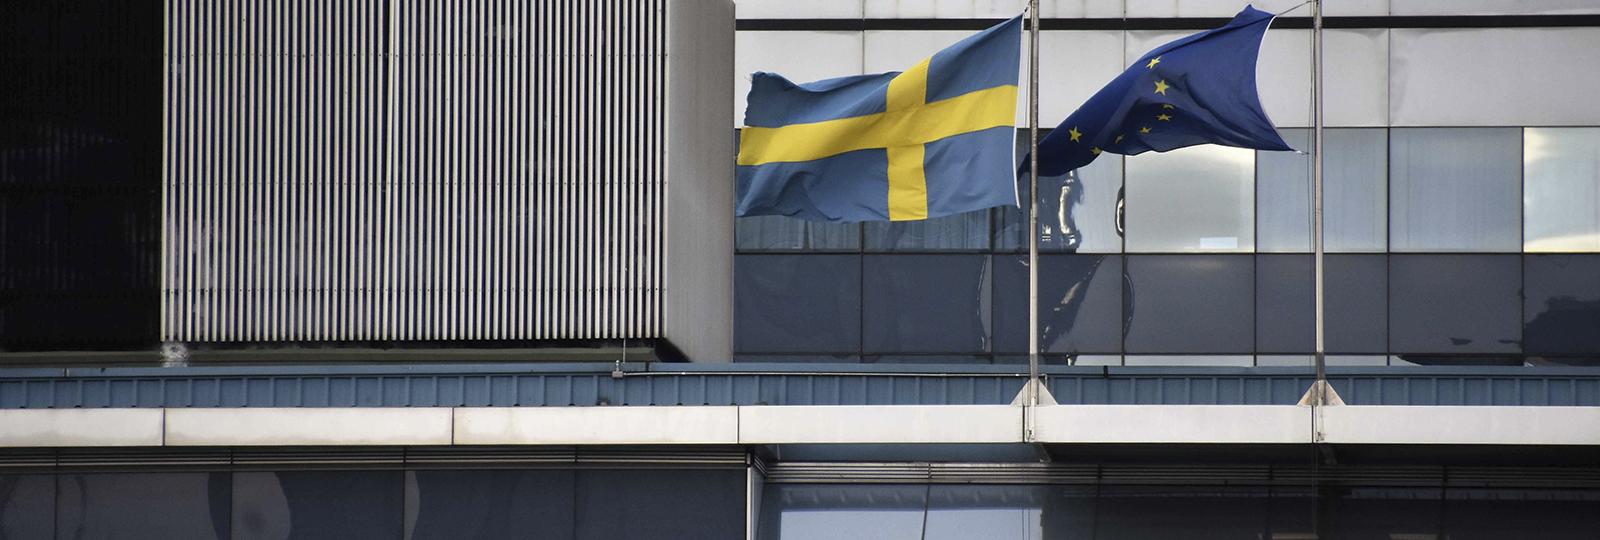 Colectividad Colectividad sueca